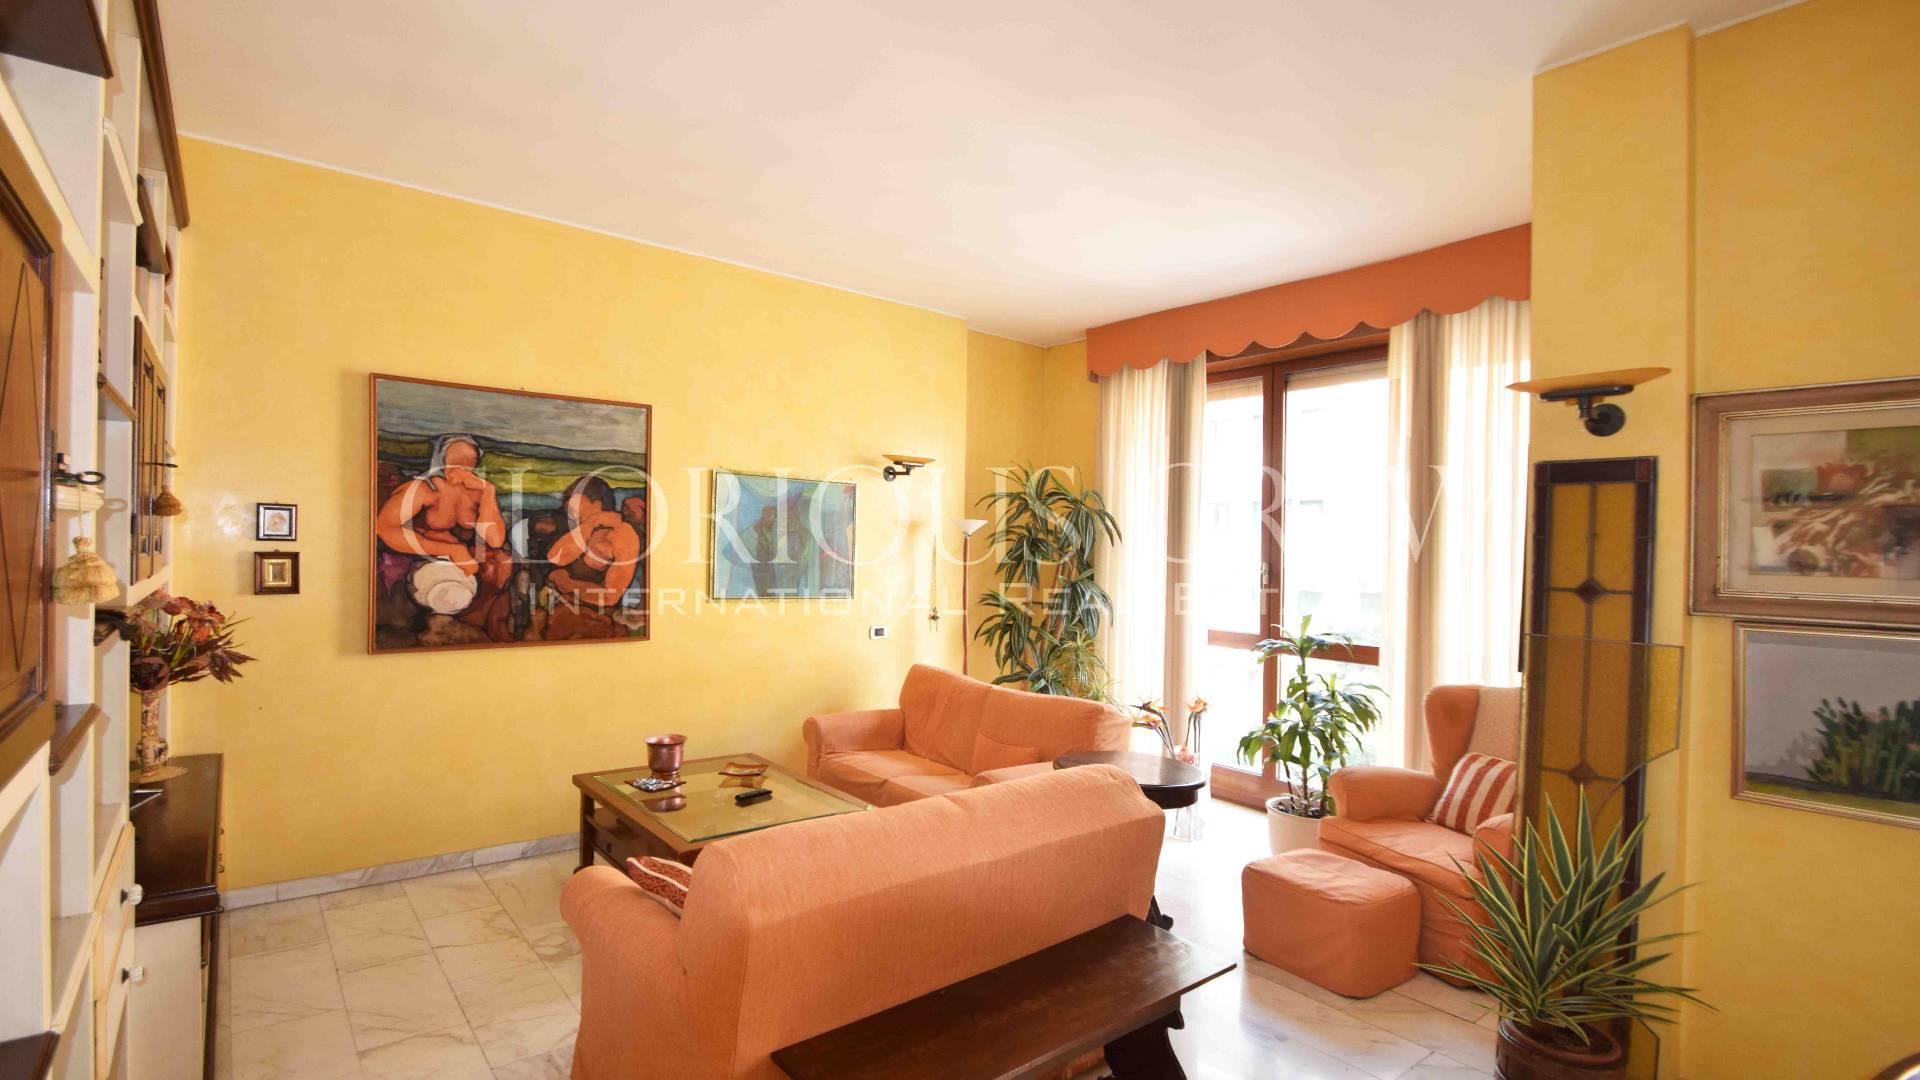 Appartamento in Vendita a Milano: 3 locali, 133 mq - Foto 2